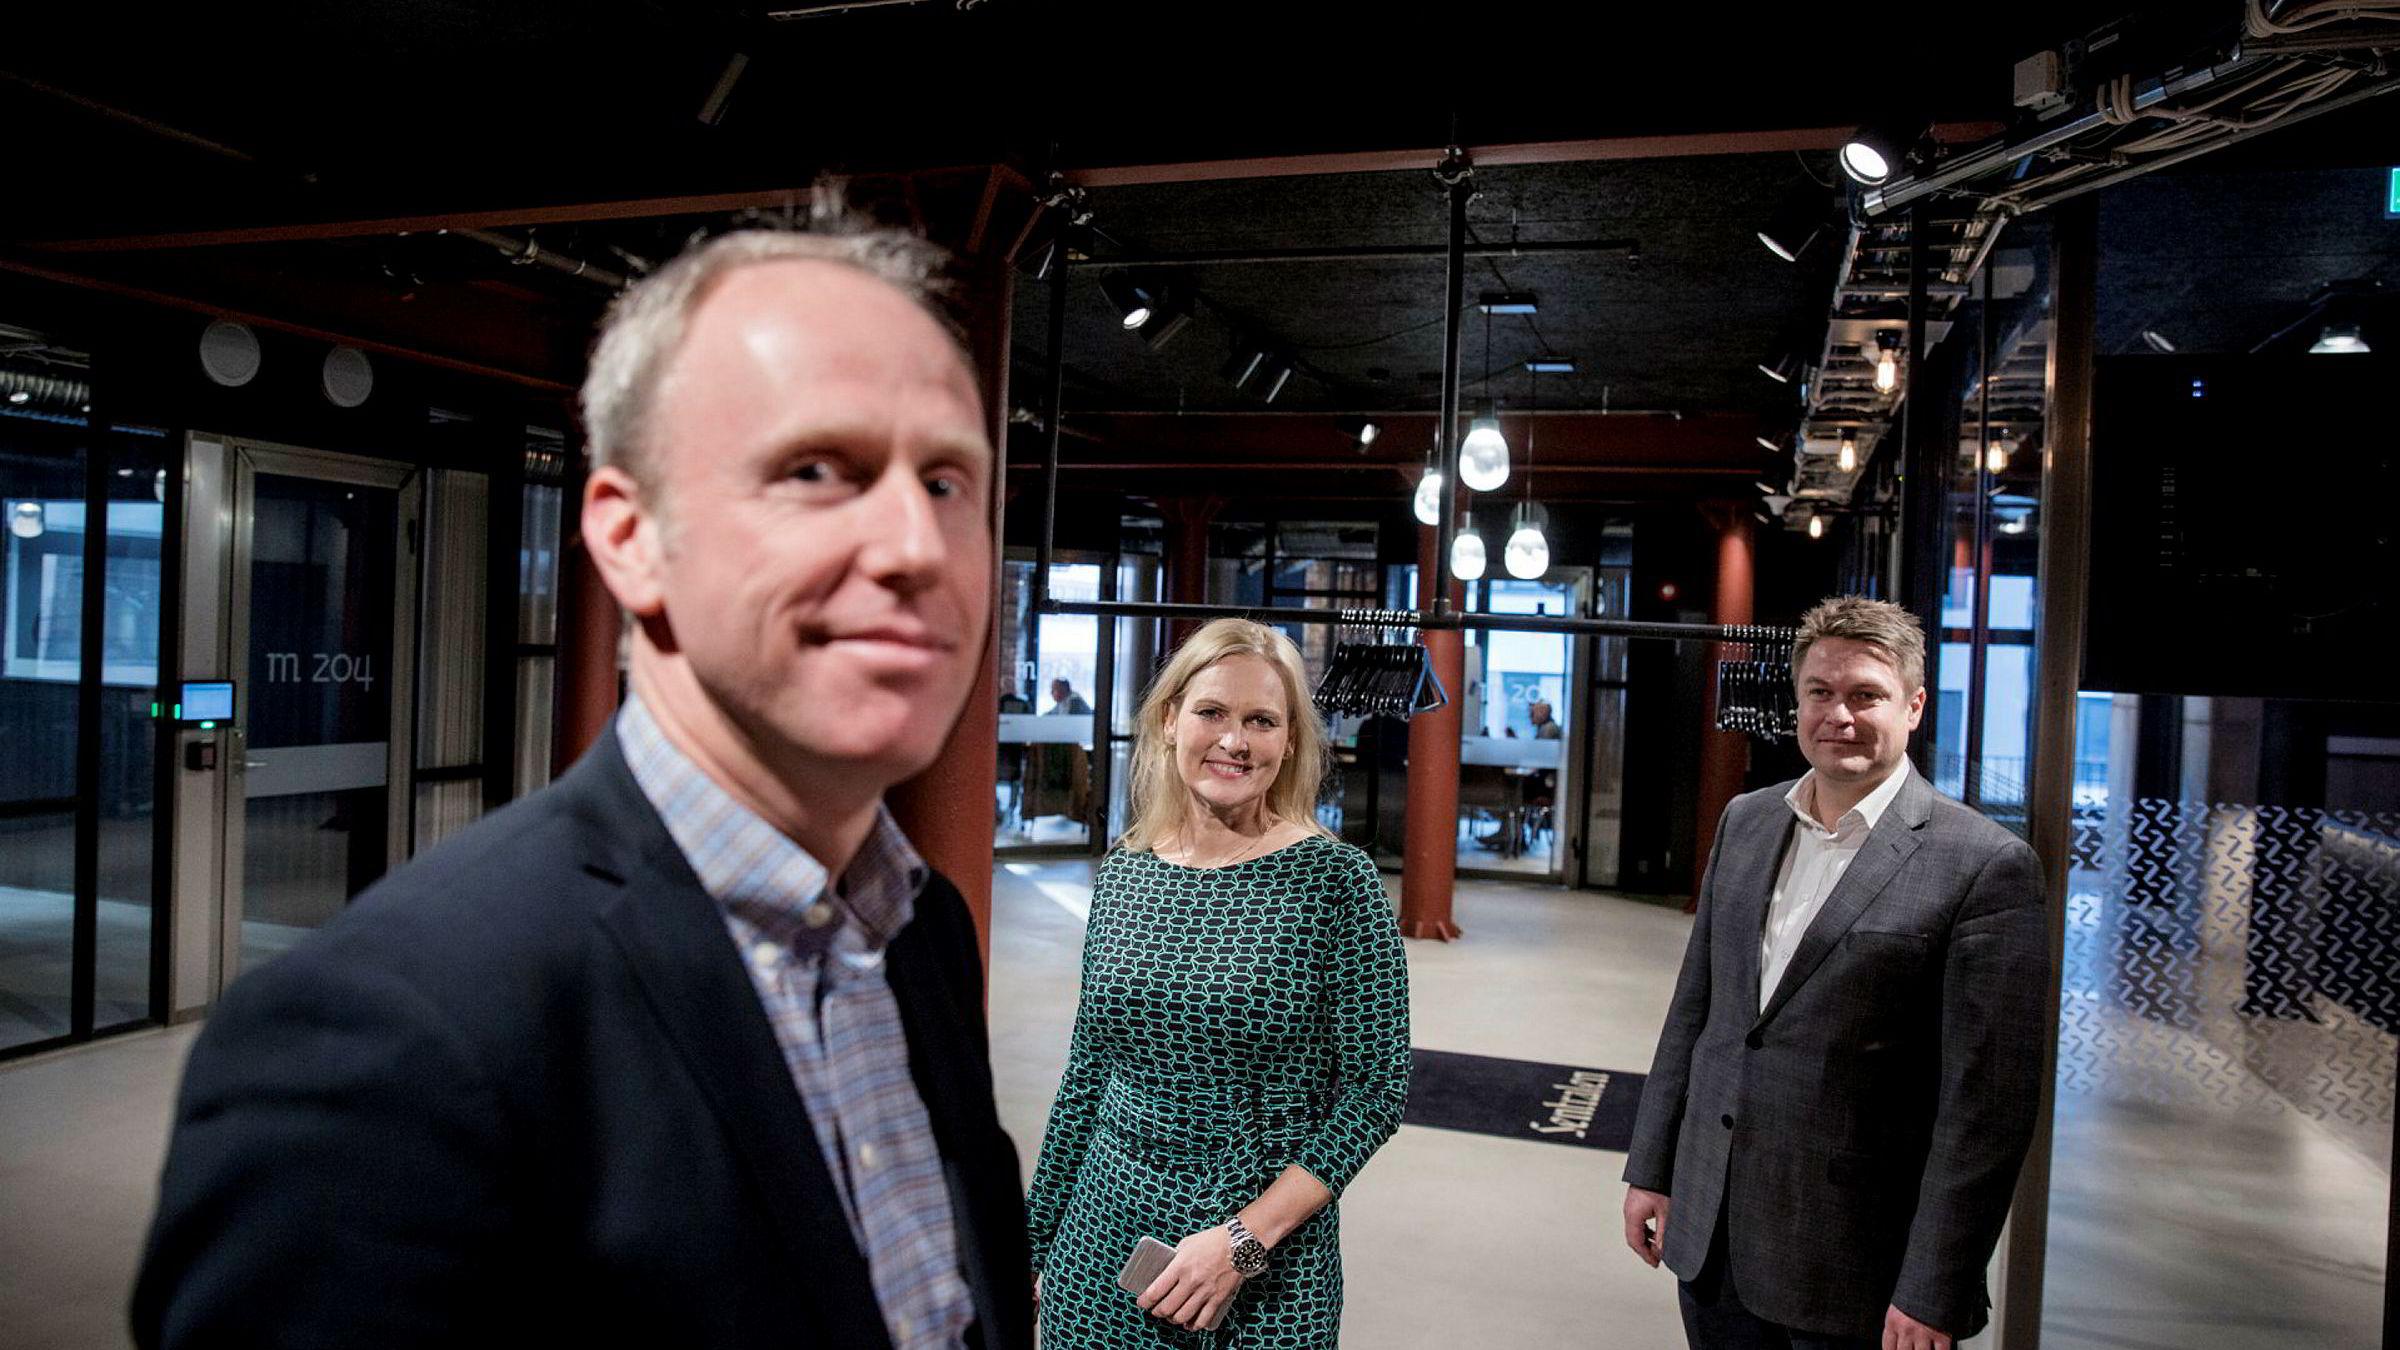 Erlend Sundvor (foran), direktør for betaling i Eika Gruppen, var tidlig ute med planene om øyeblikkelig overføring av kontanter mellom bankkontoer i 2012. Senere ble Eika nødt til å kjøpe seg inn i Vipps. Her med konsernsjef Hege Toft-Karlsen og direktør for digital utvikling, Atle Riksfjord.